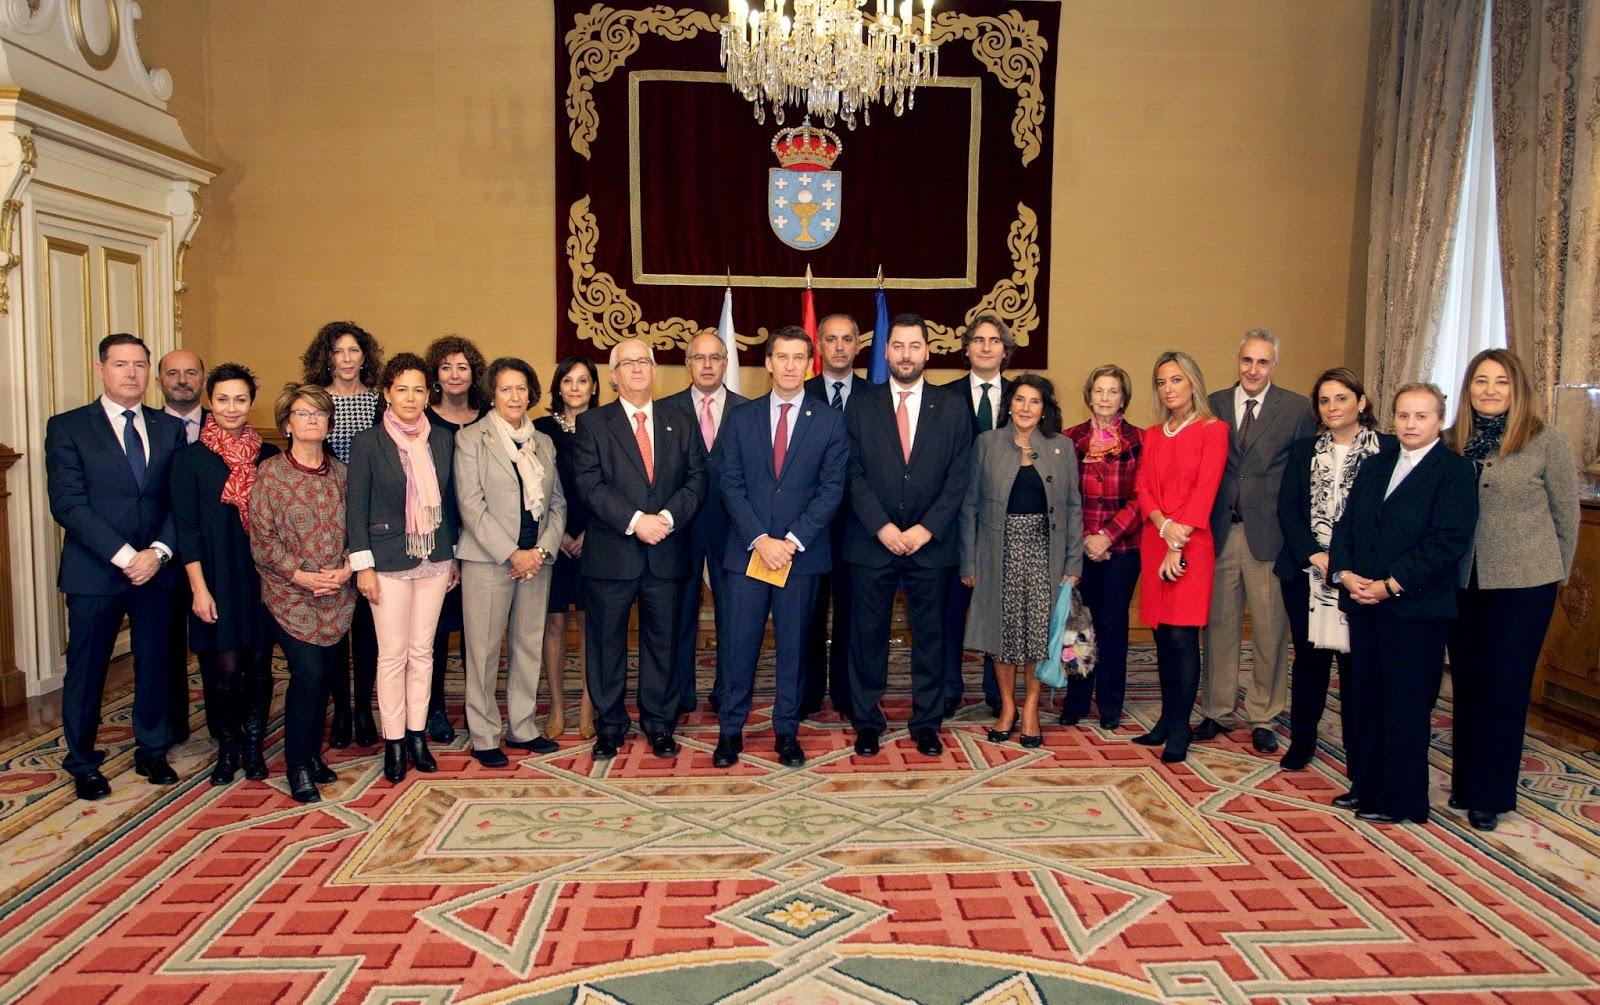 25º Aniversario de la Asociación de Protocolo de Galicia, por Olga Casal